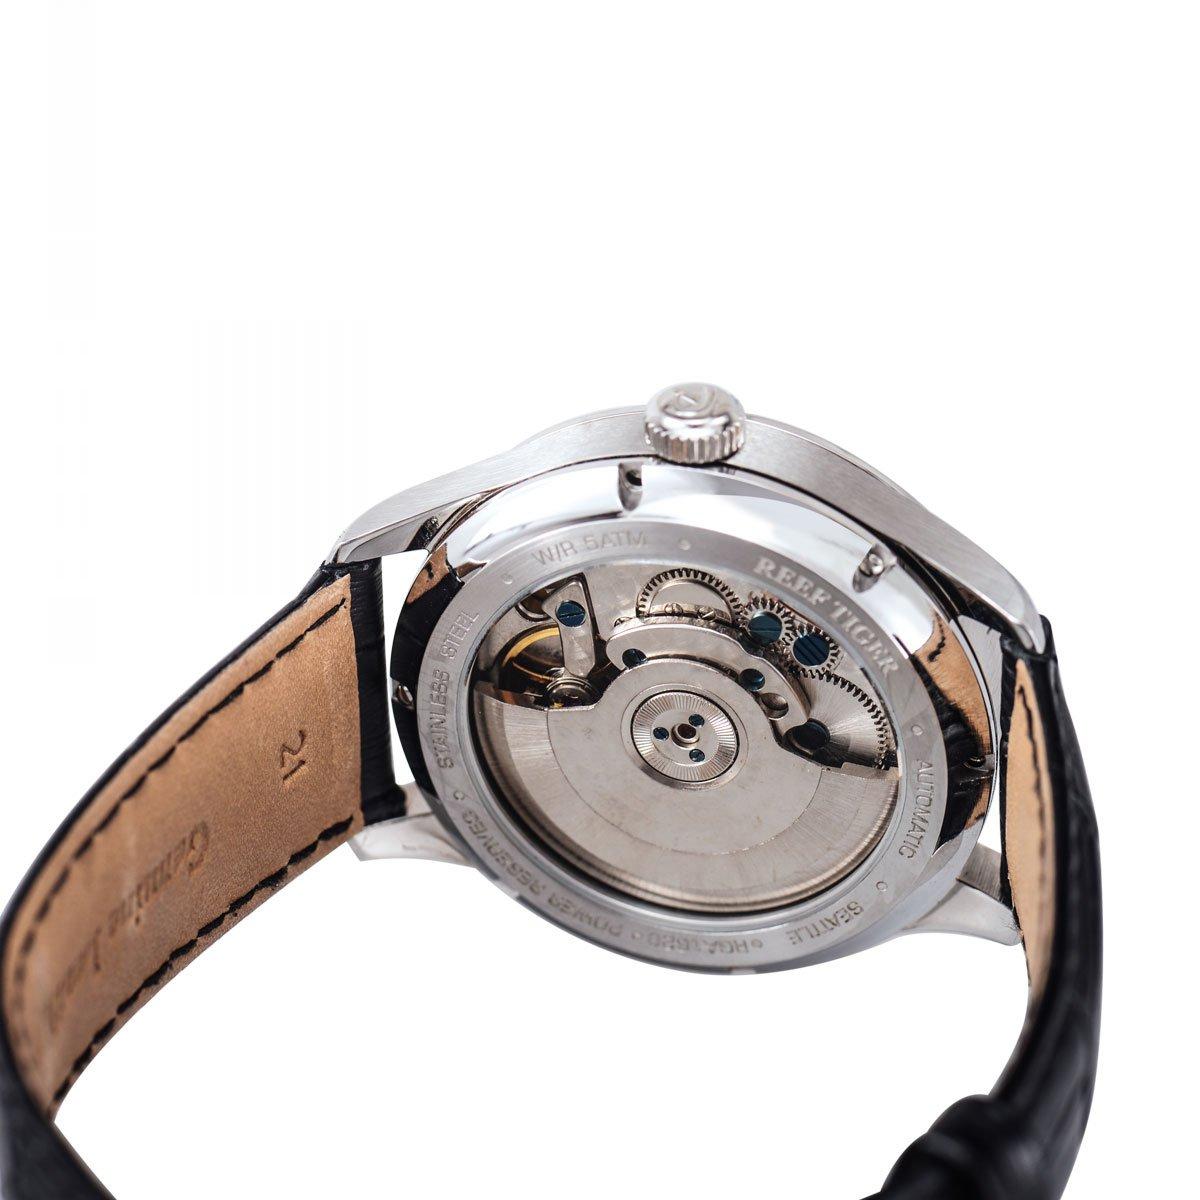 Reef Tiger herrklockor med datum power reservstål fodral autoamtiska klockor läderrem RGA1620 Rga1620-ybs